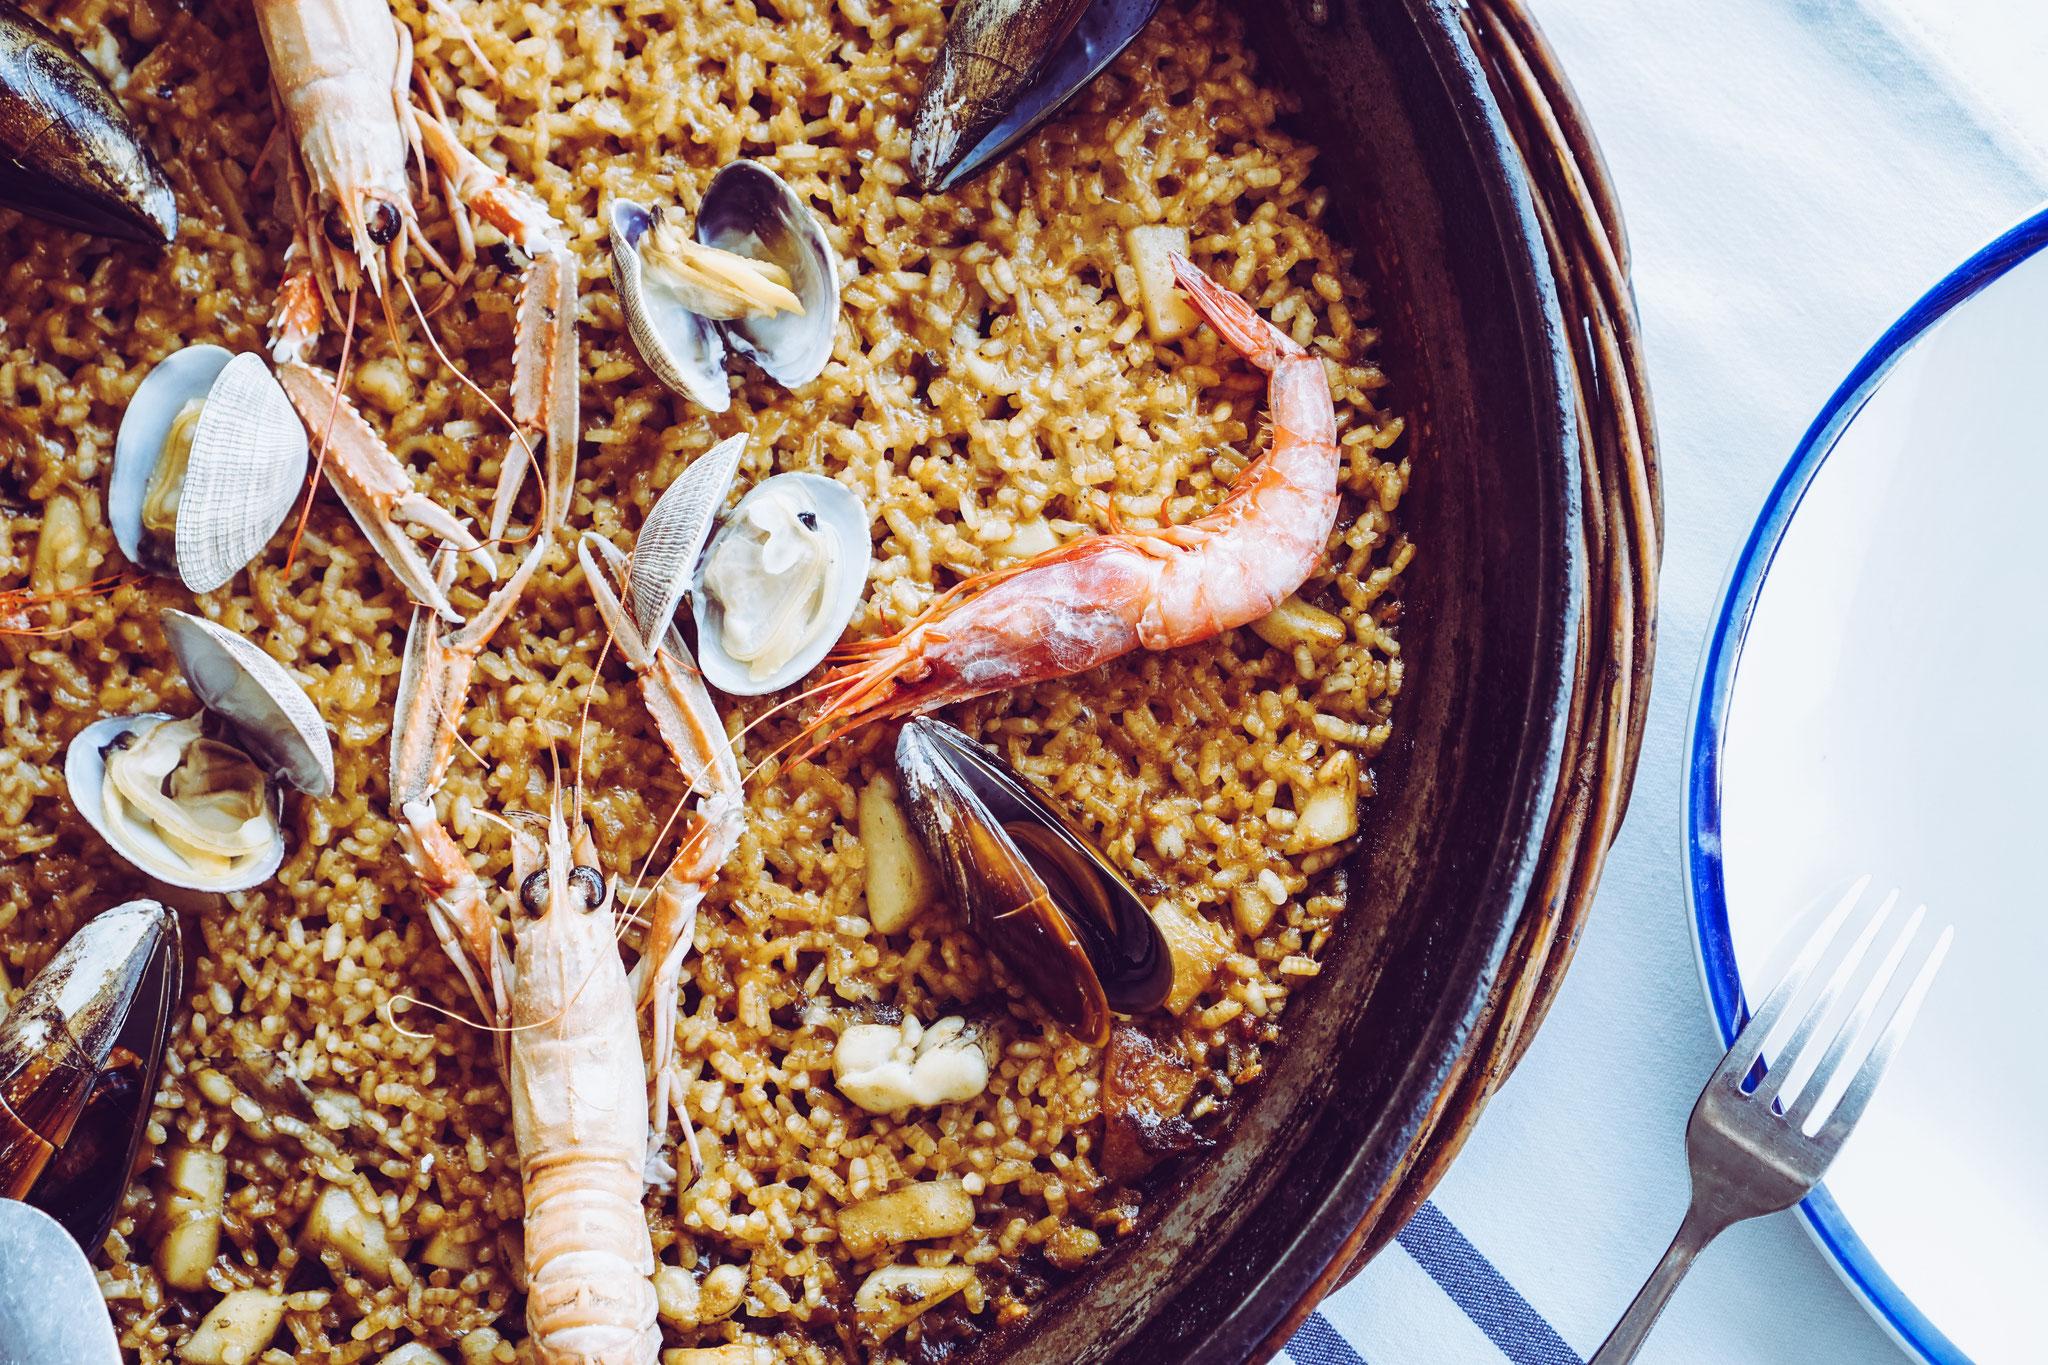 image 8 7 8 6 | Barcelona ist unsere absolute Lieblingsstadt und wir versuchen mindestensalle 2 Jahre dorthin zu reisen. Nicht nur, dass die spanische Großstadt unglaublich vielseitig ist, auch kulinarisch weiß sie voll und ganz zu überzeugen. Denn auch hier zeigt sich die Wandelbarkeit der Stadt, die sowohl einen wunderschönen Strand aber auch ein urbanes, pulsierendes Stadtleben zu bieten hat. Daher wurde es höchste Zeit, dass wir euch unsere Lieblingsrestaurants in Barcelona vorstellen, denn hier gibt es definitiv nicht nur Tapas (auch wenn Tapas grandios sind).